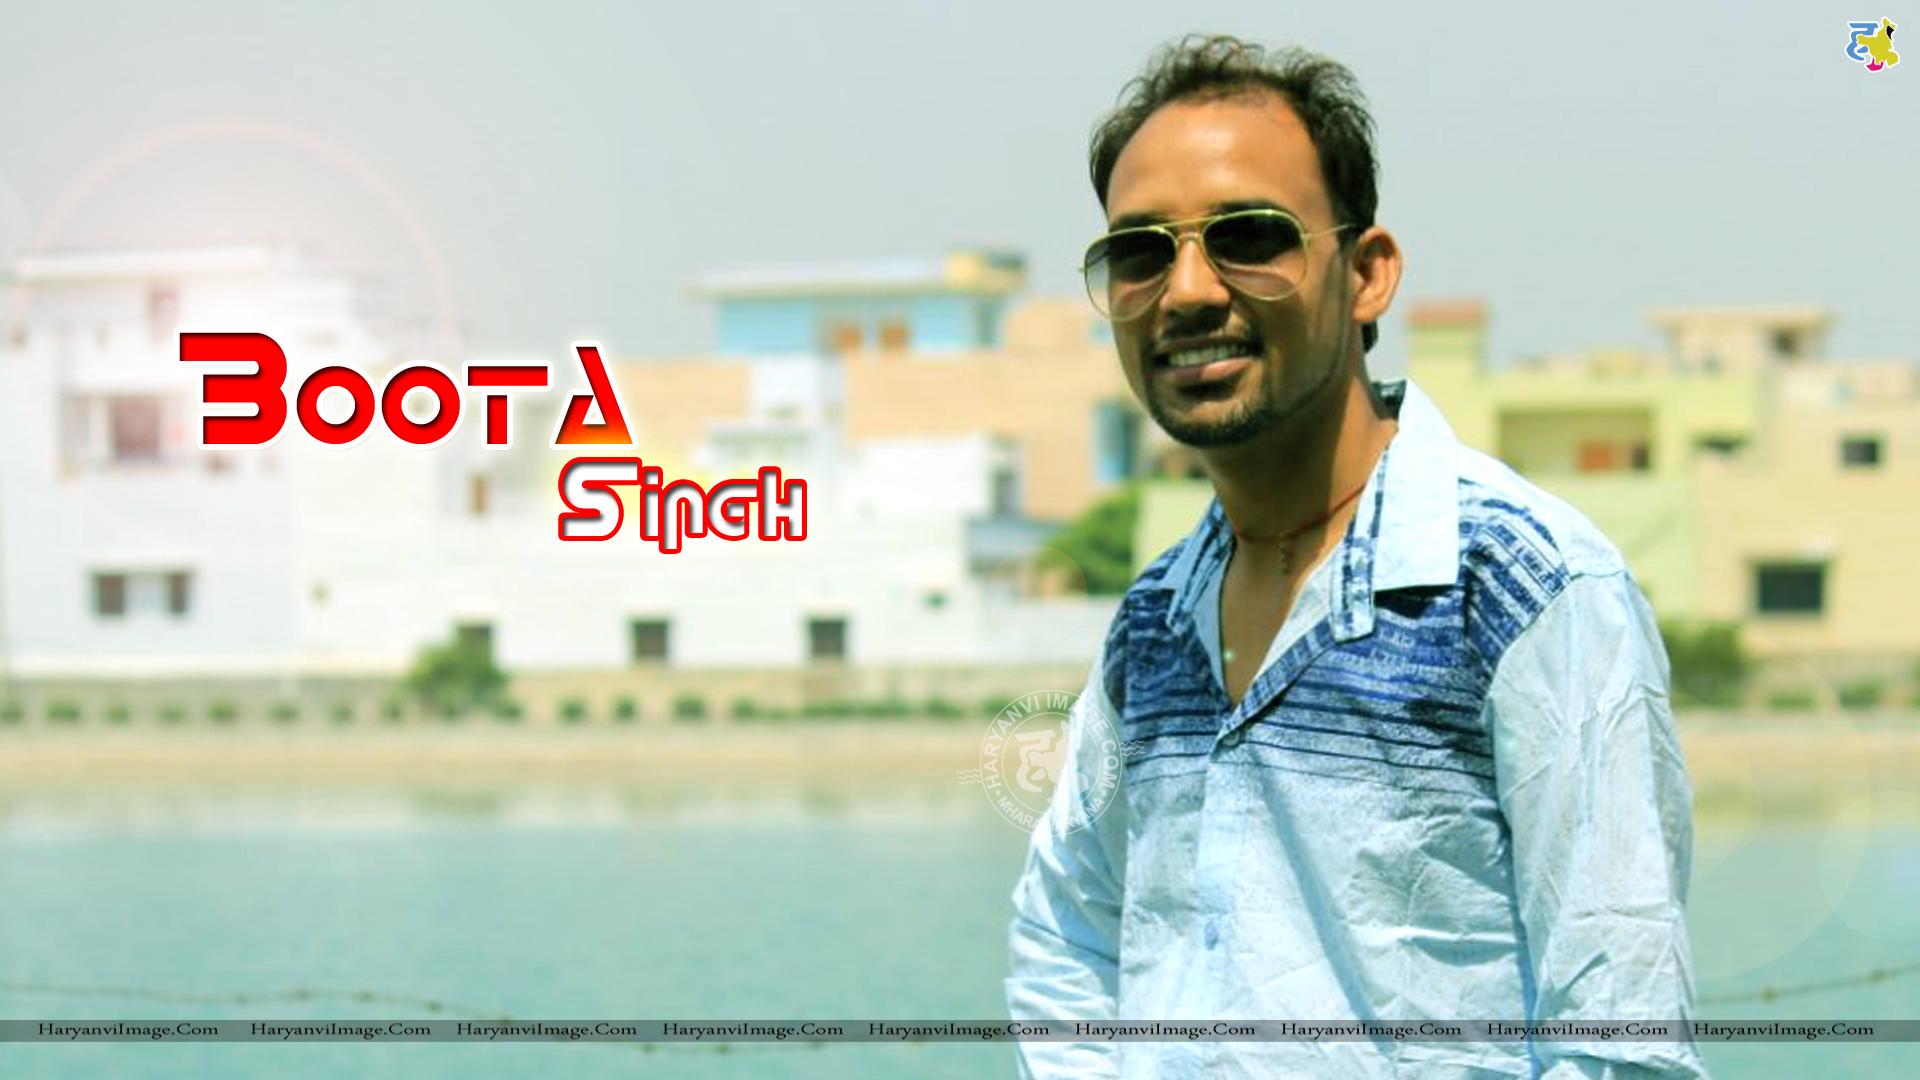 Boota Singh HD Wallpaper Haryanvi Image